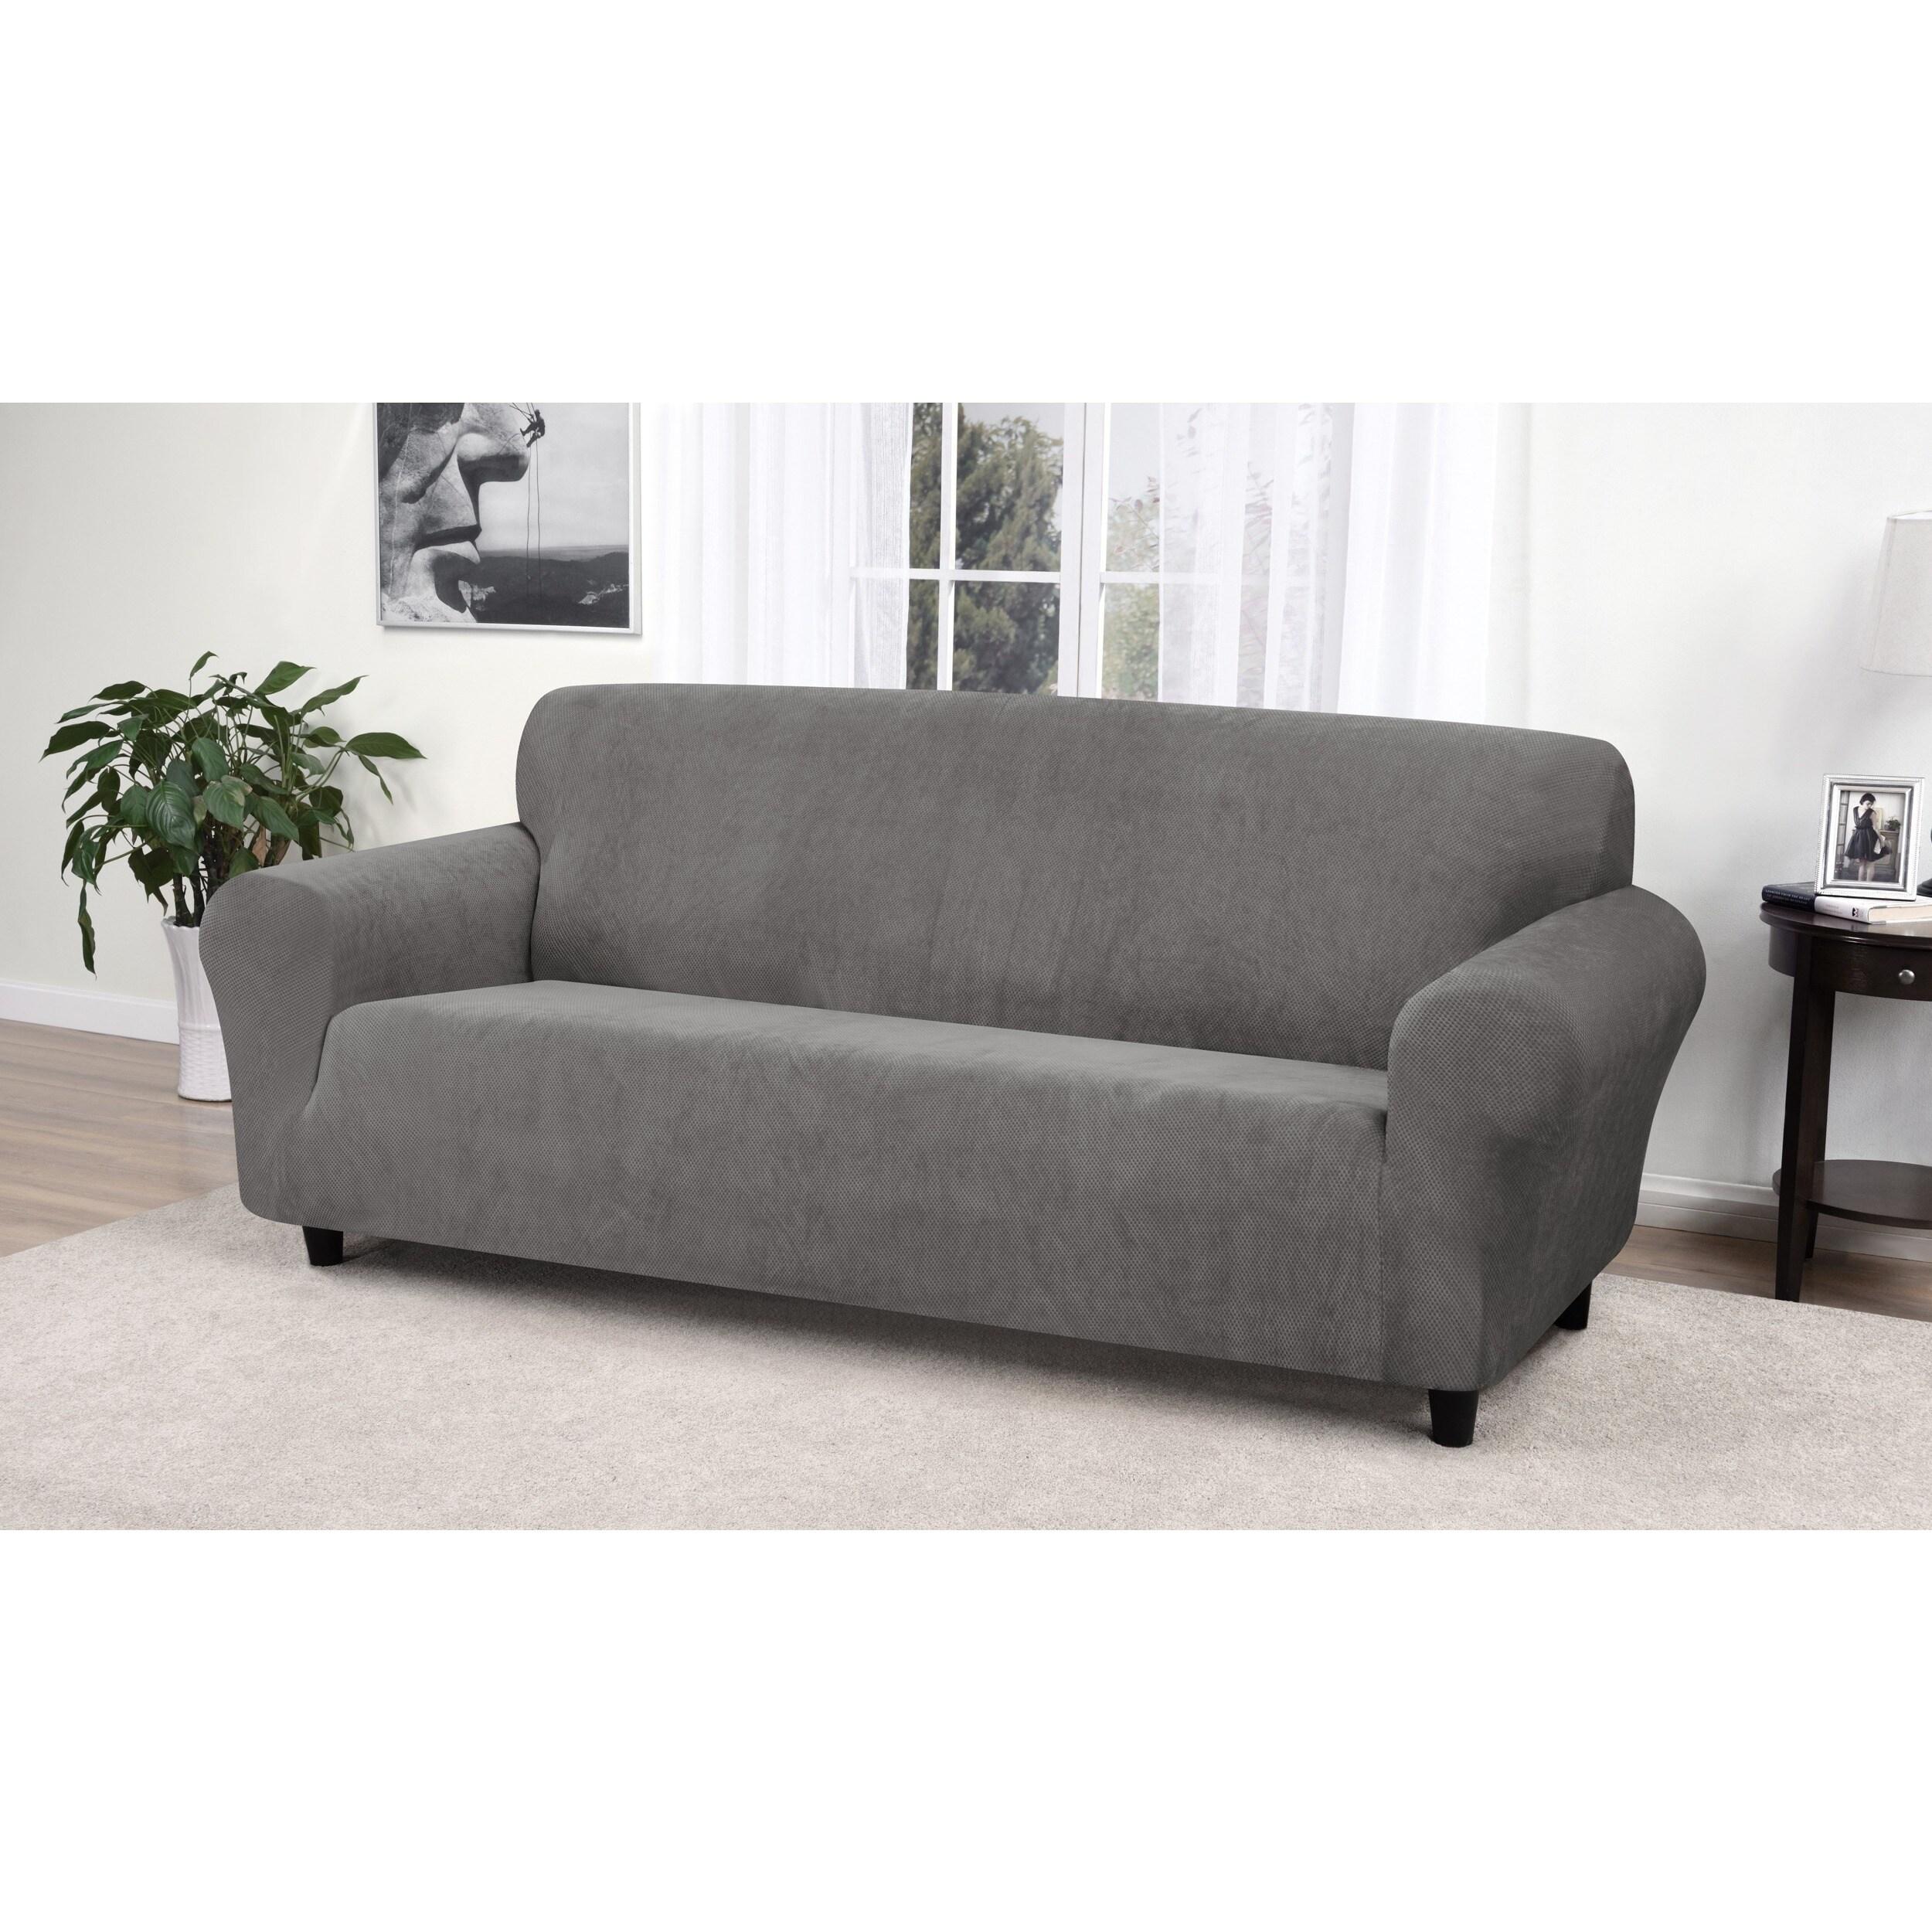 Kathy Ireland Day Break Sofa Slipcover Free Shipping Today 14046727